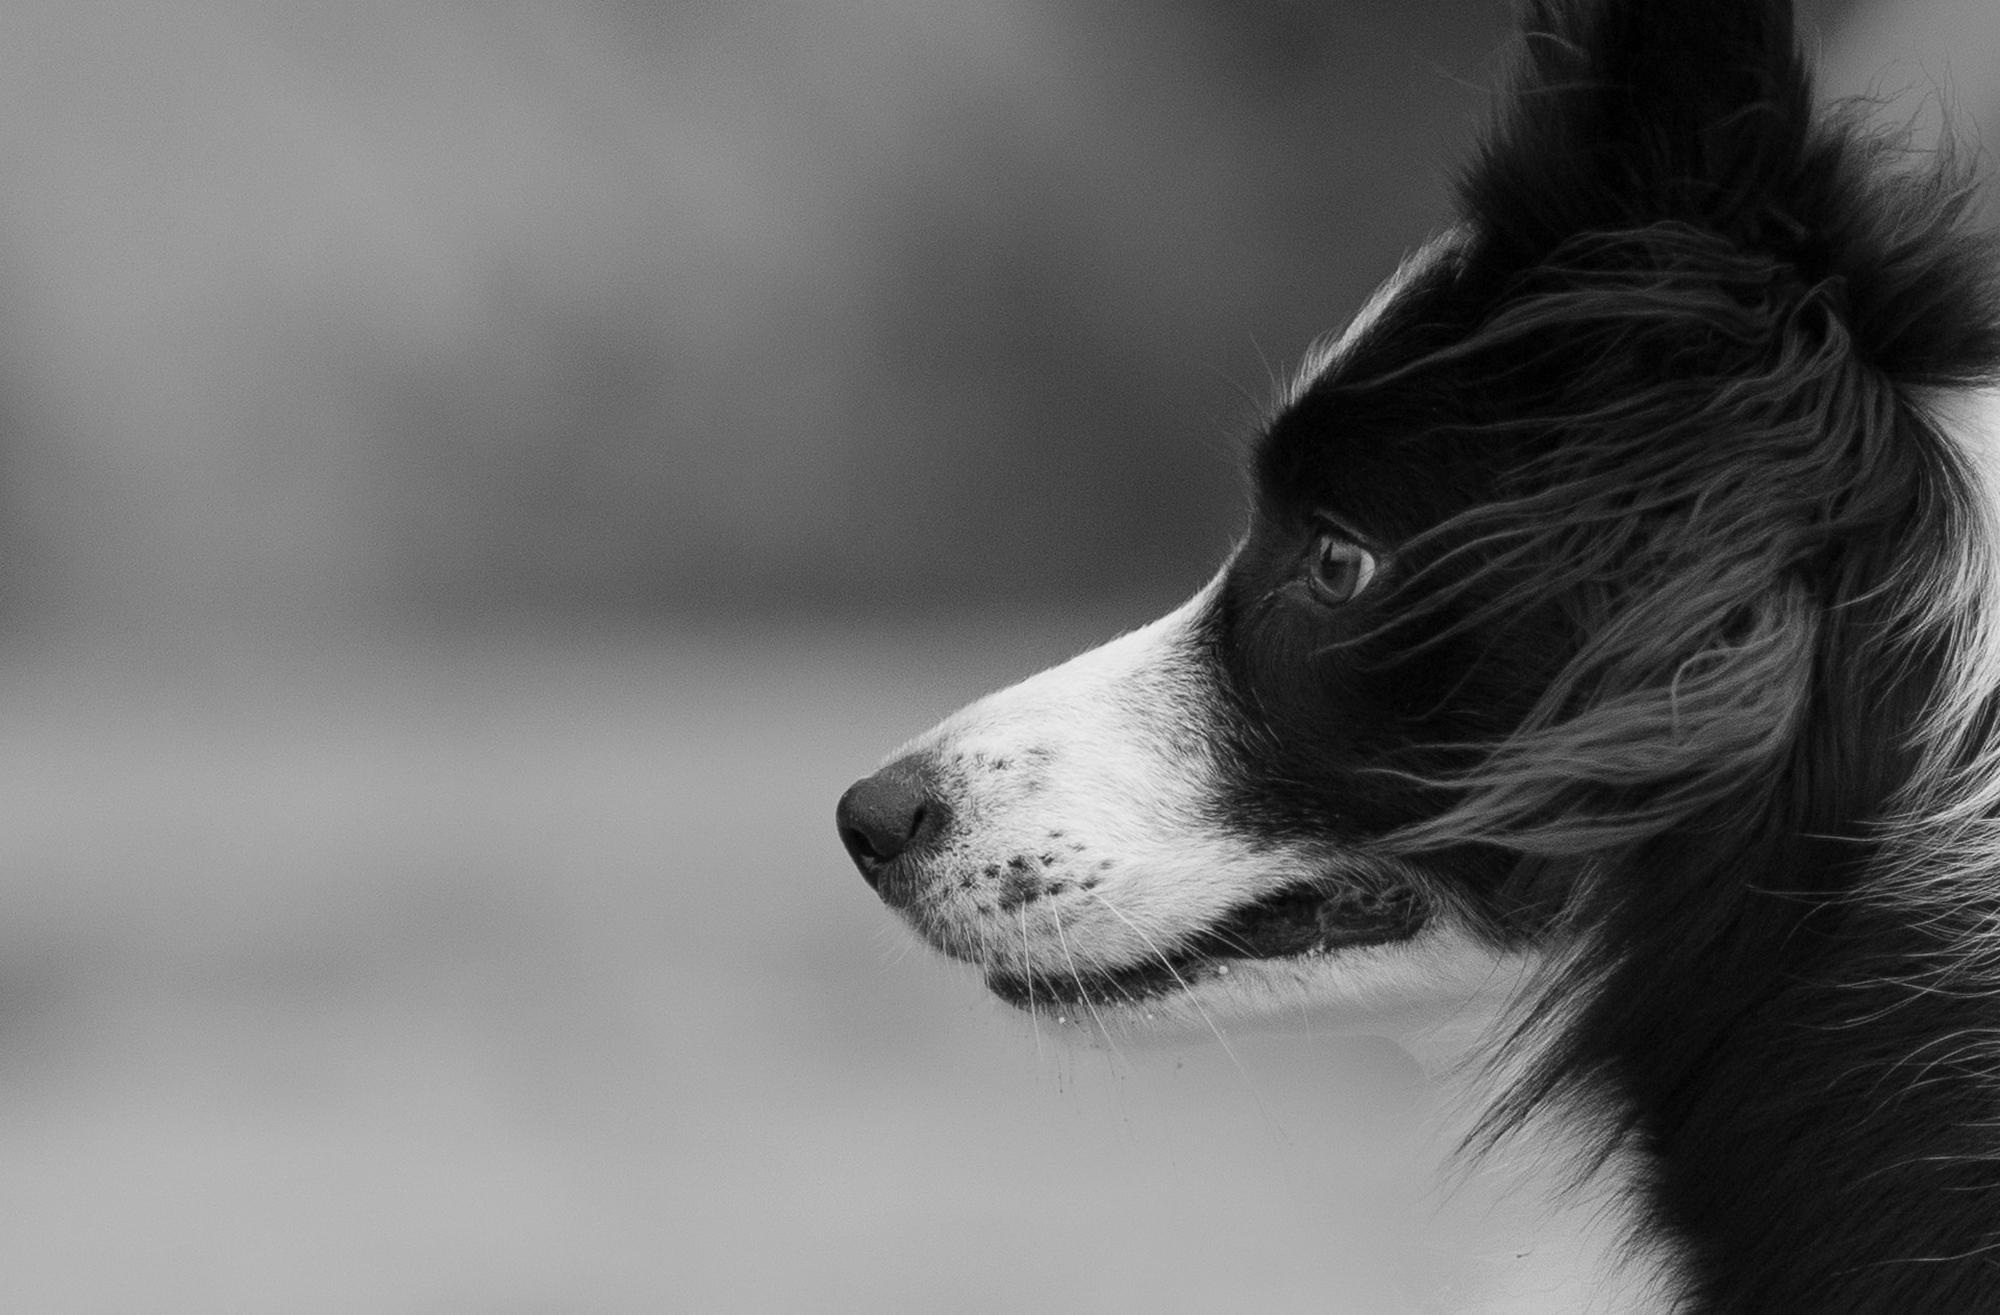 Zdjęcia dziecięce, okolicznościowe i psa. Kursy fotografii online. 347 Kursy i 366 AFO